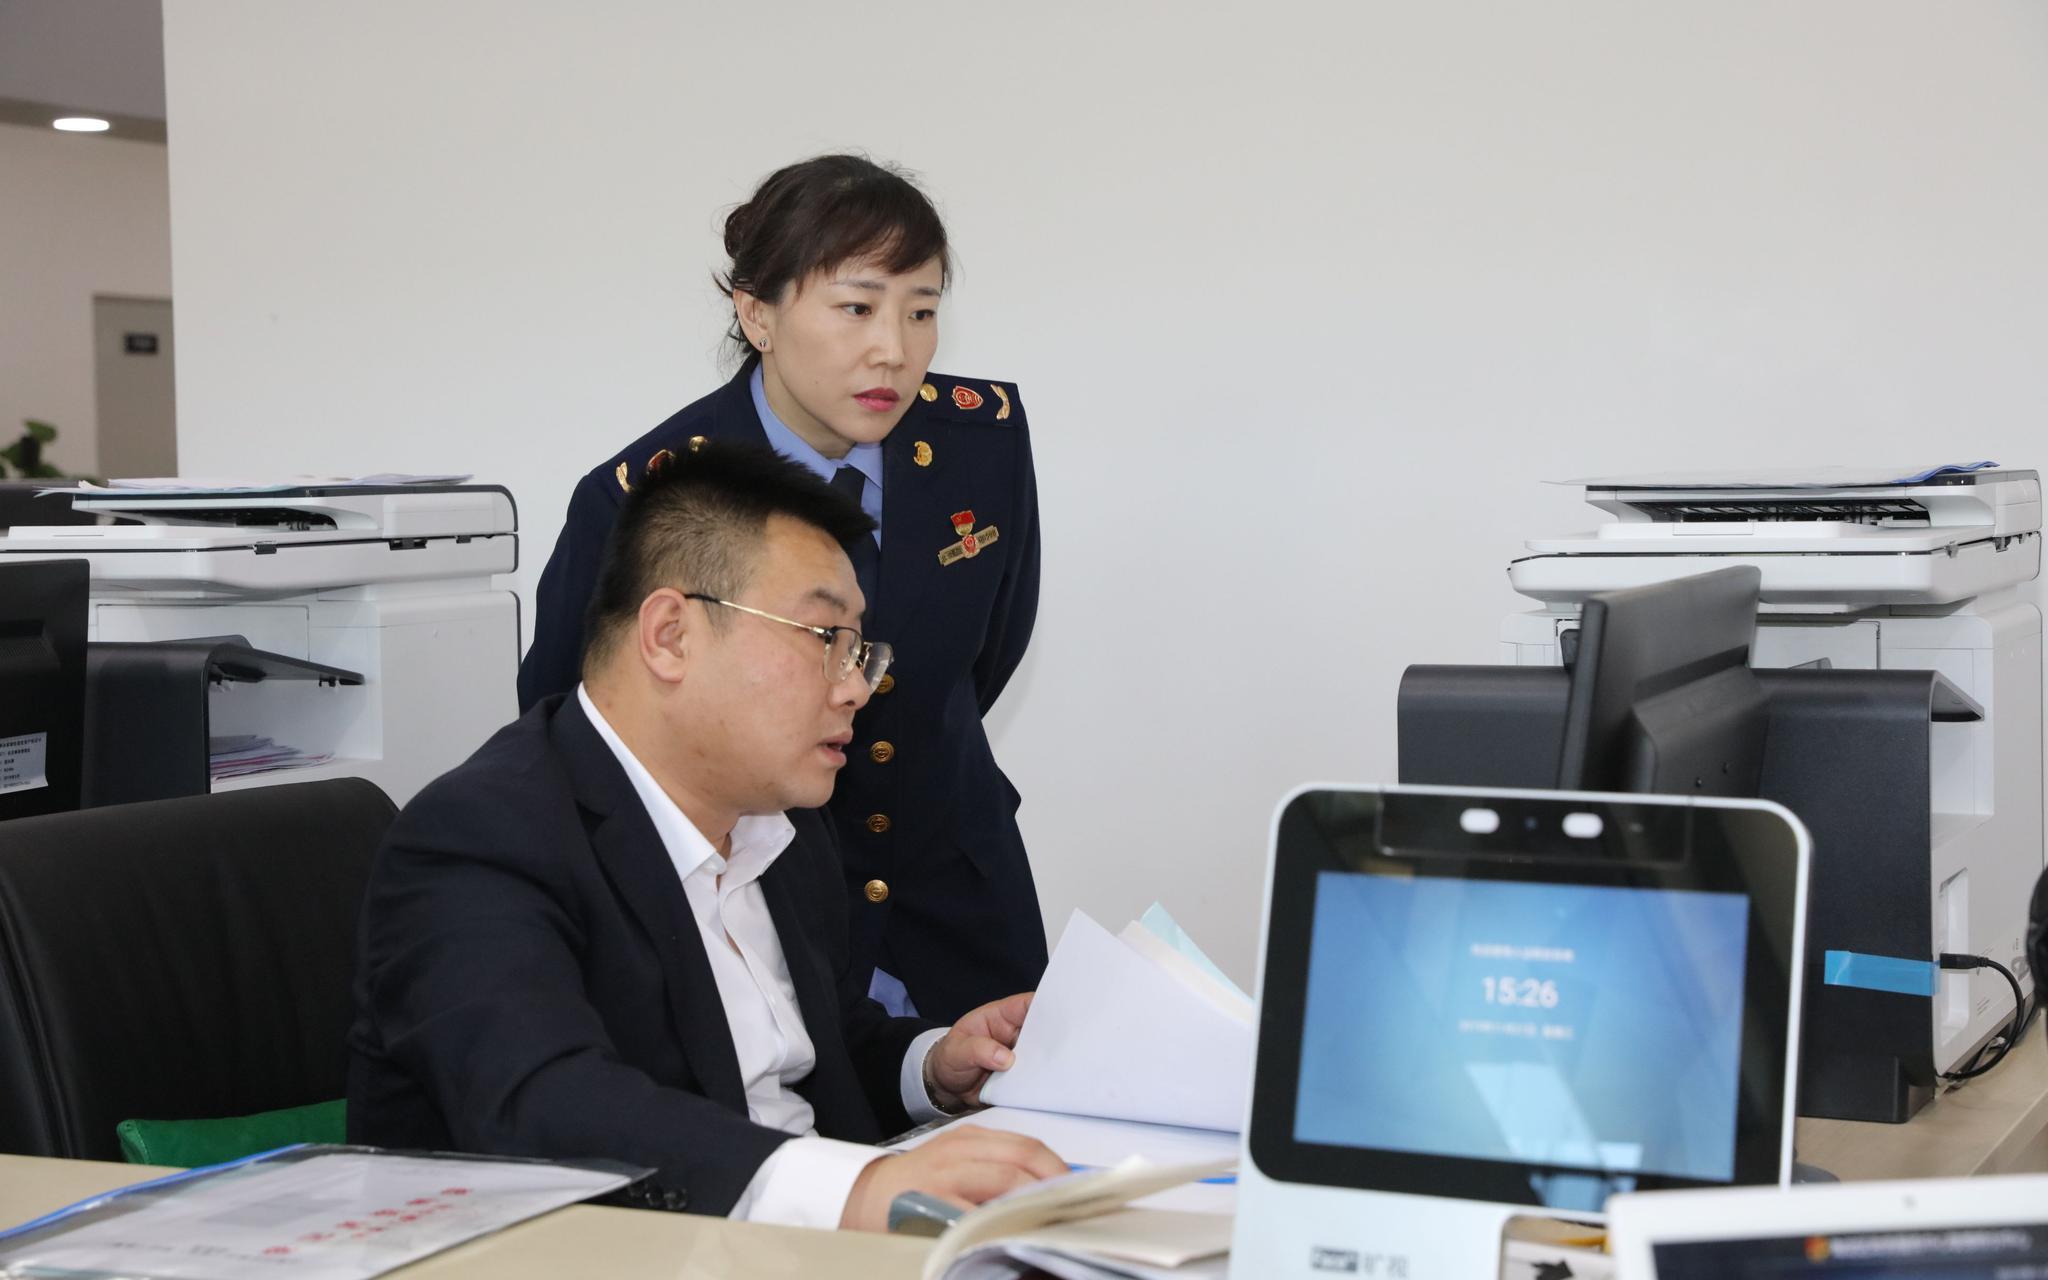 手机注册登录亲子共成长平台,一家美国著名超市在上海火爆开业 这打了谁的脸?